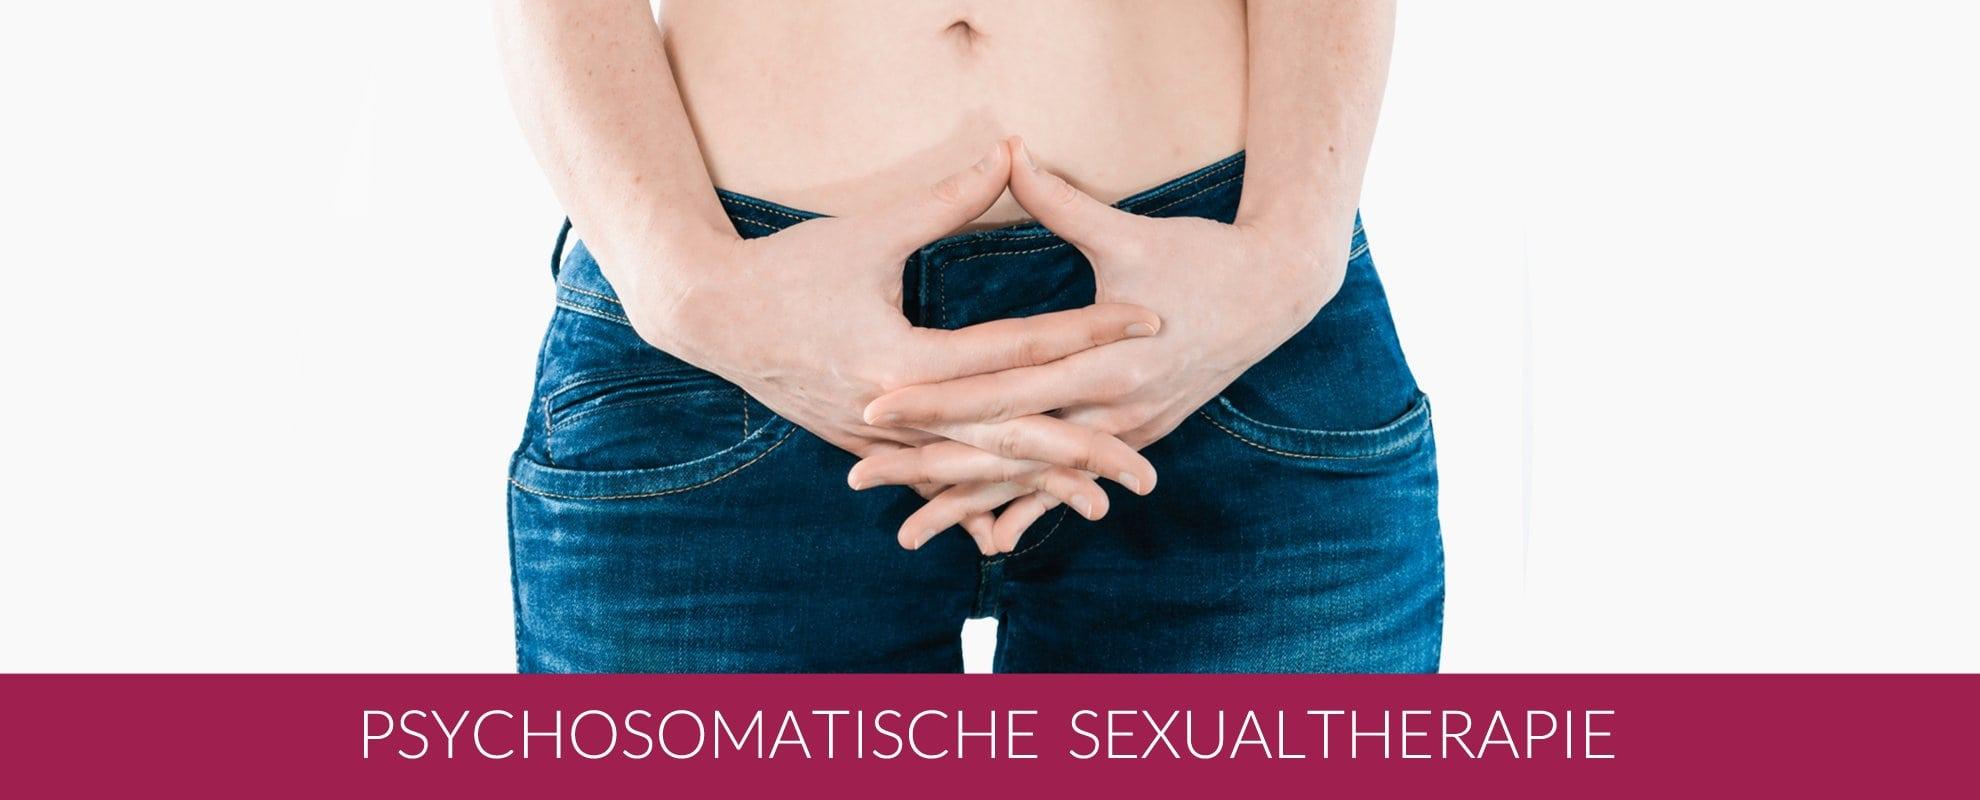 Psychosomatische Sexualtherapie